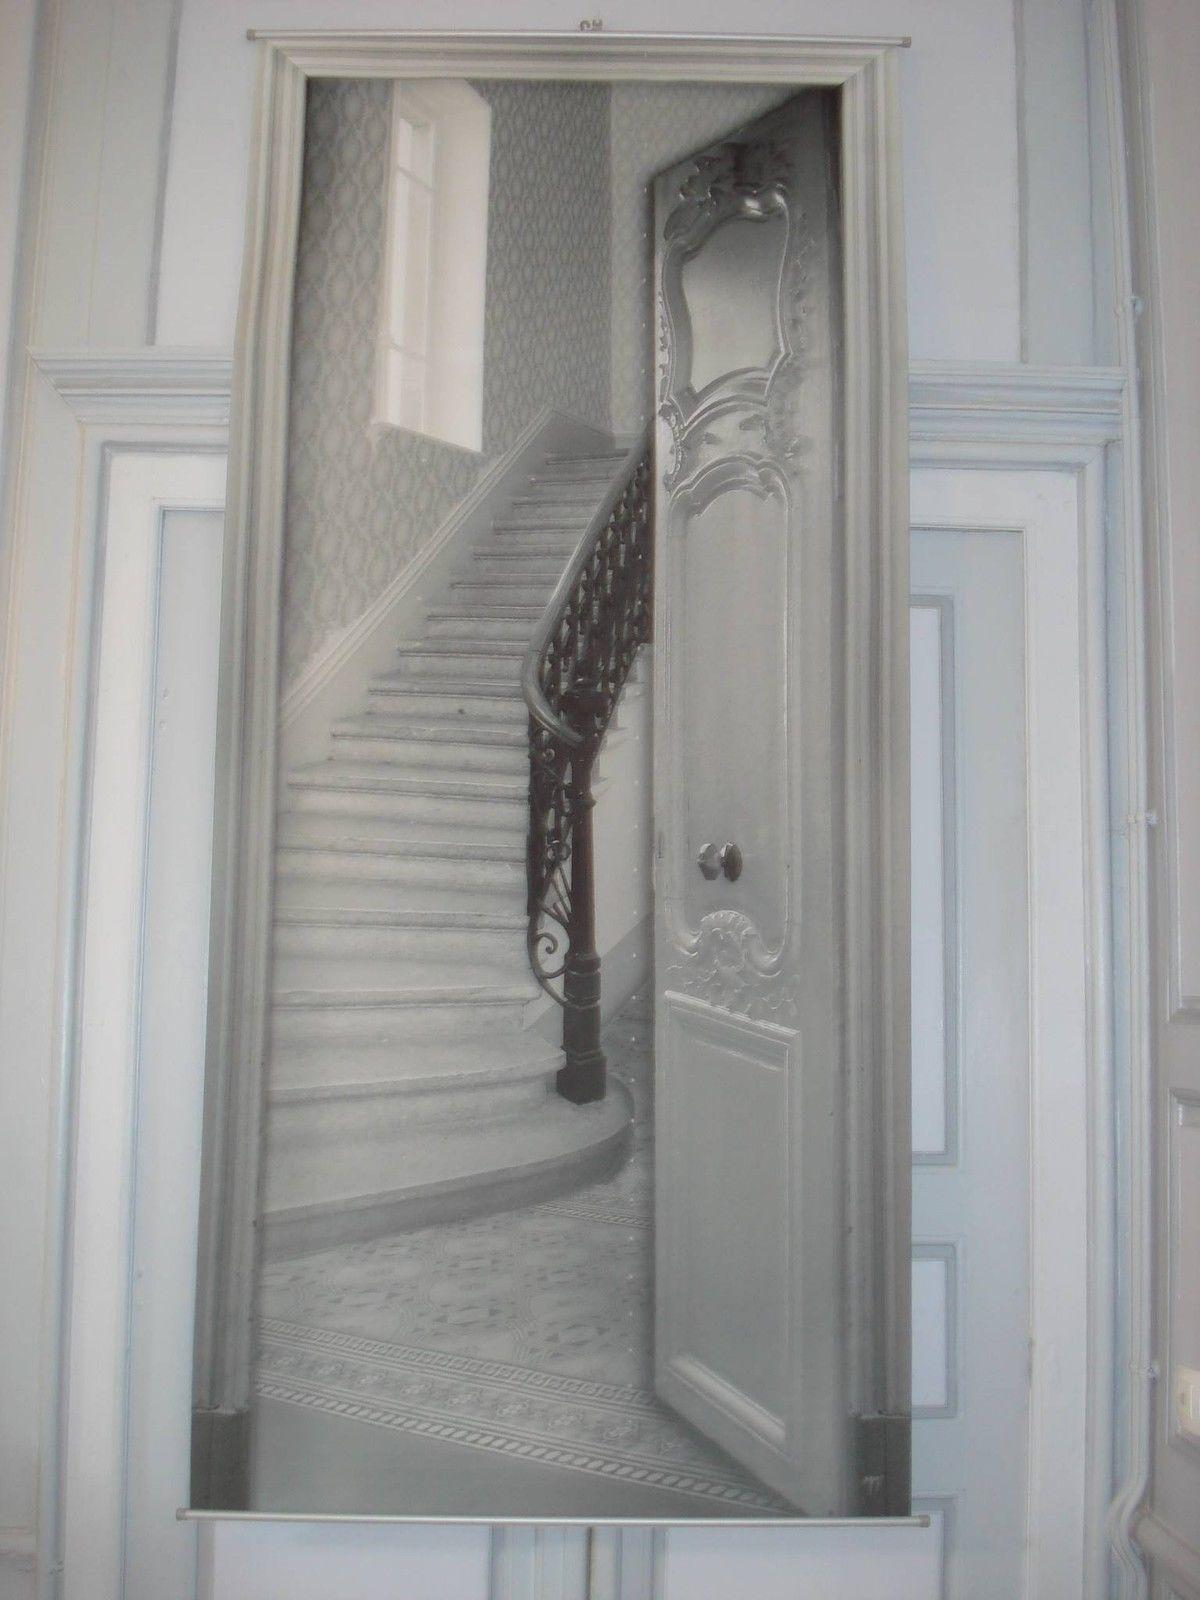 toile d corative trompe l 39 oeil l 39 escalier d co mathilde m dream living murales pinterest. Black Bedroom Furniture Sets. Home Design Ideas